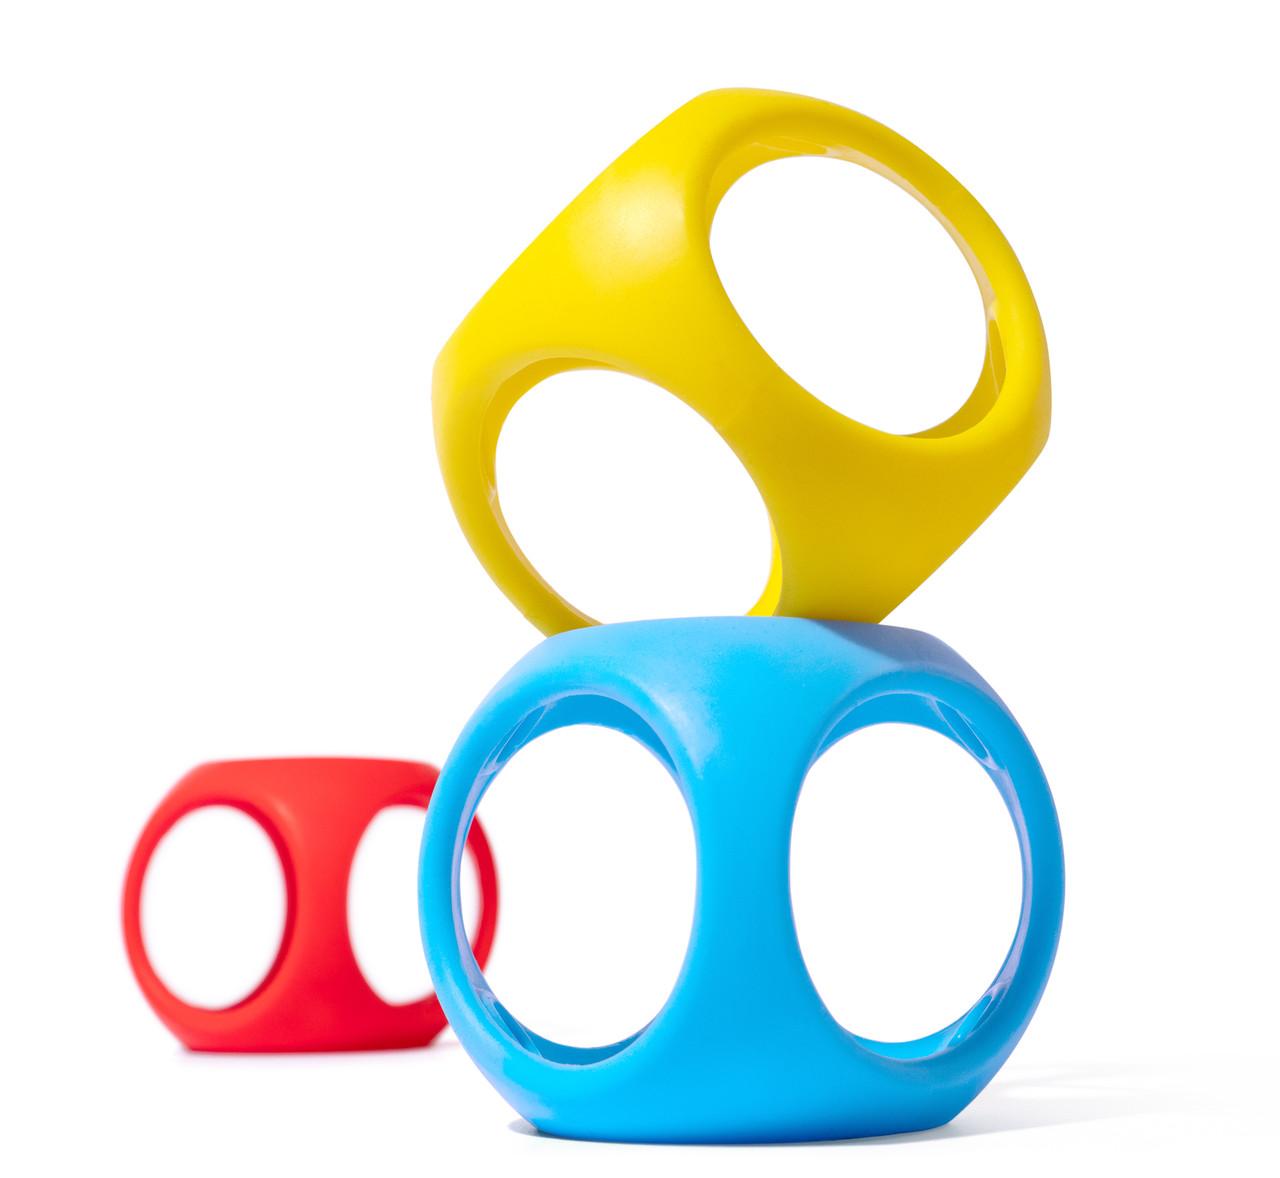 Игрушка-мяч Oibo (яркие цвета, 3 шт в уп.) Moluk.